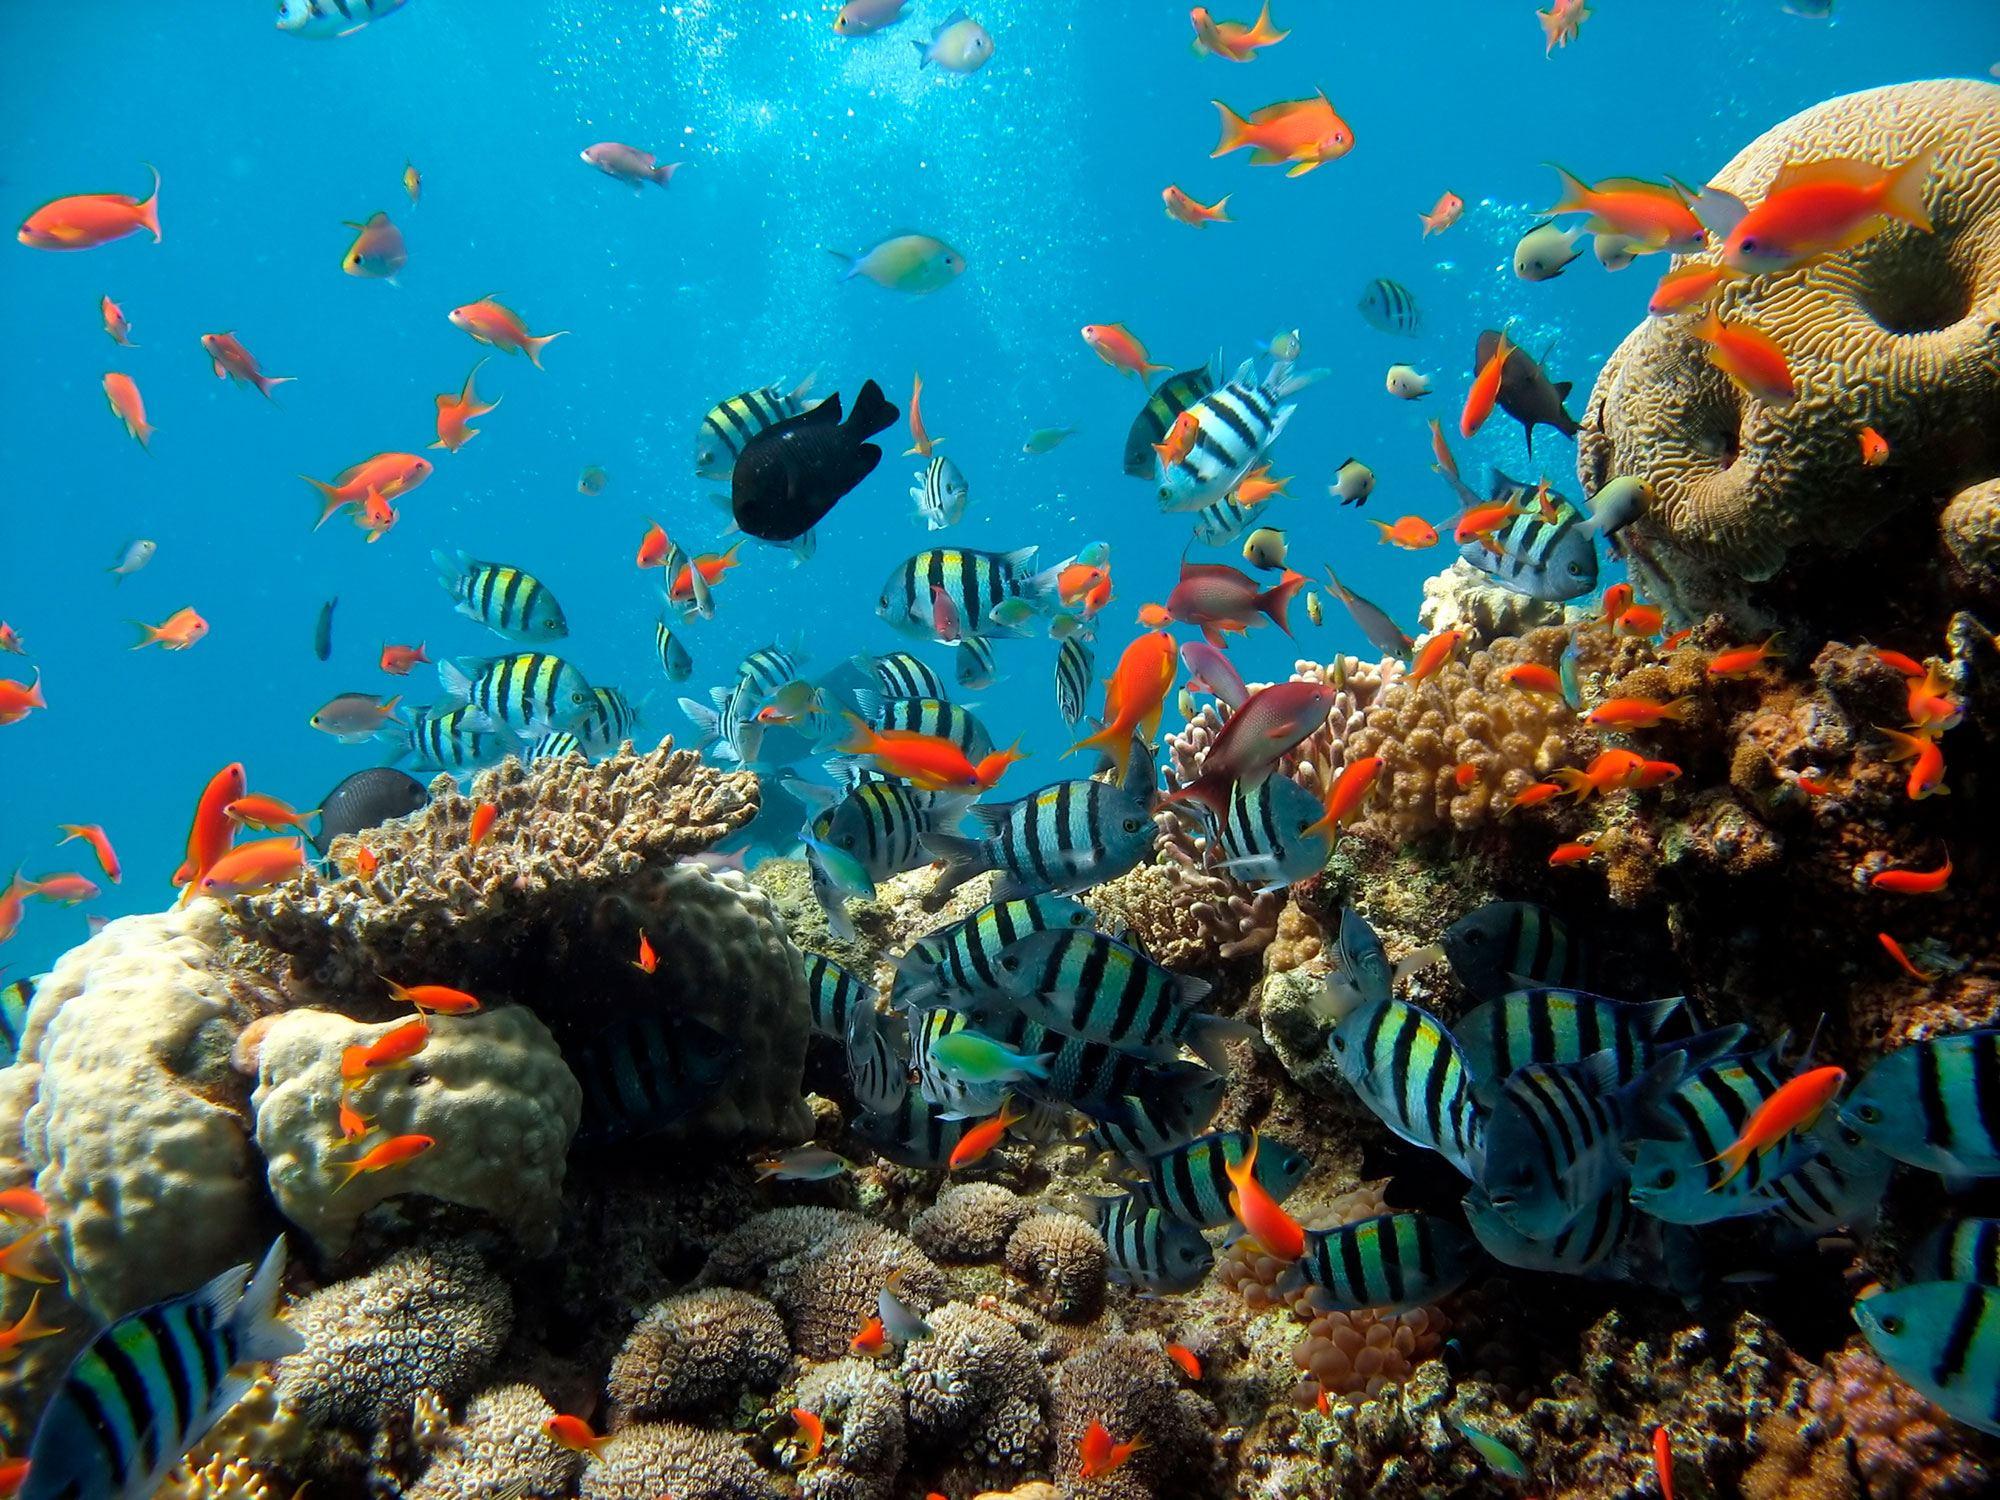 Fototapeten: Arrecife 2